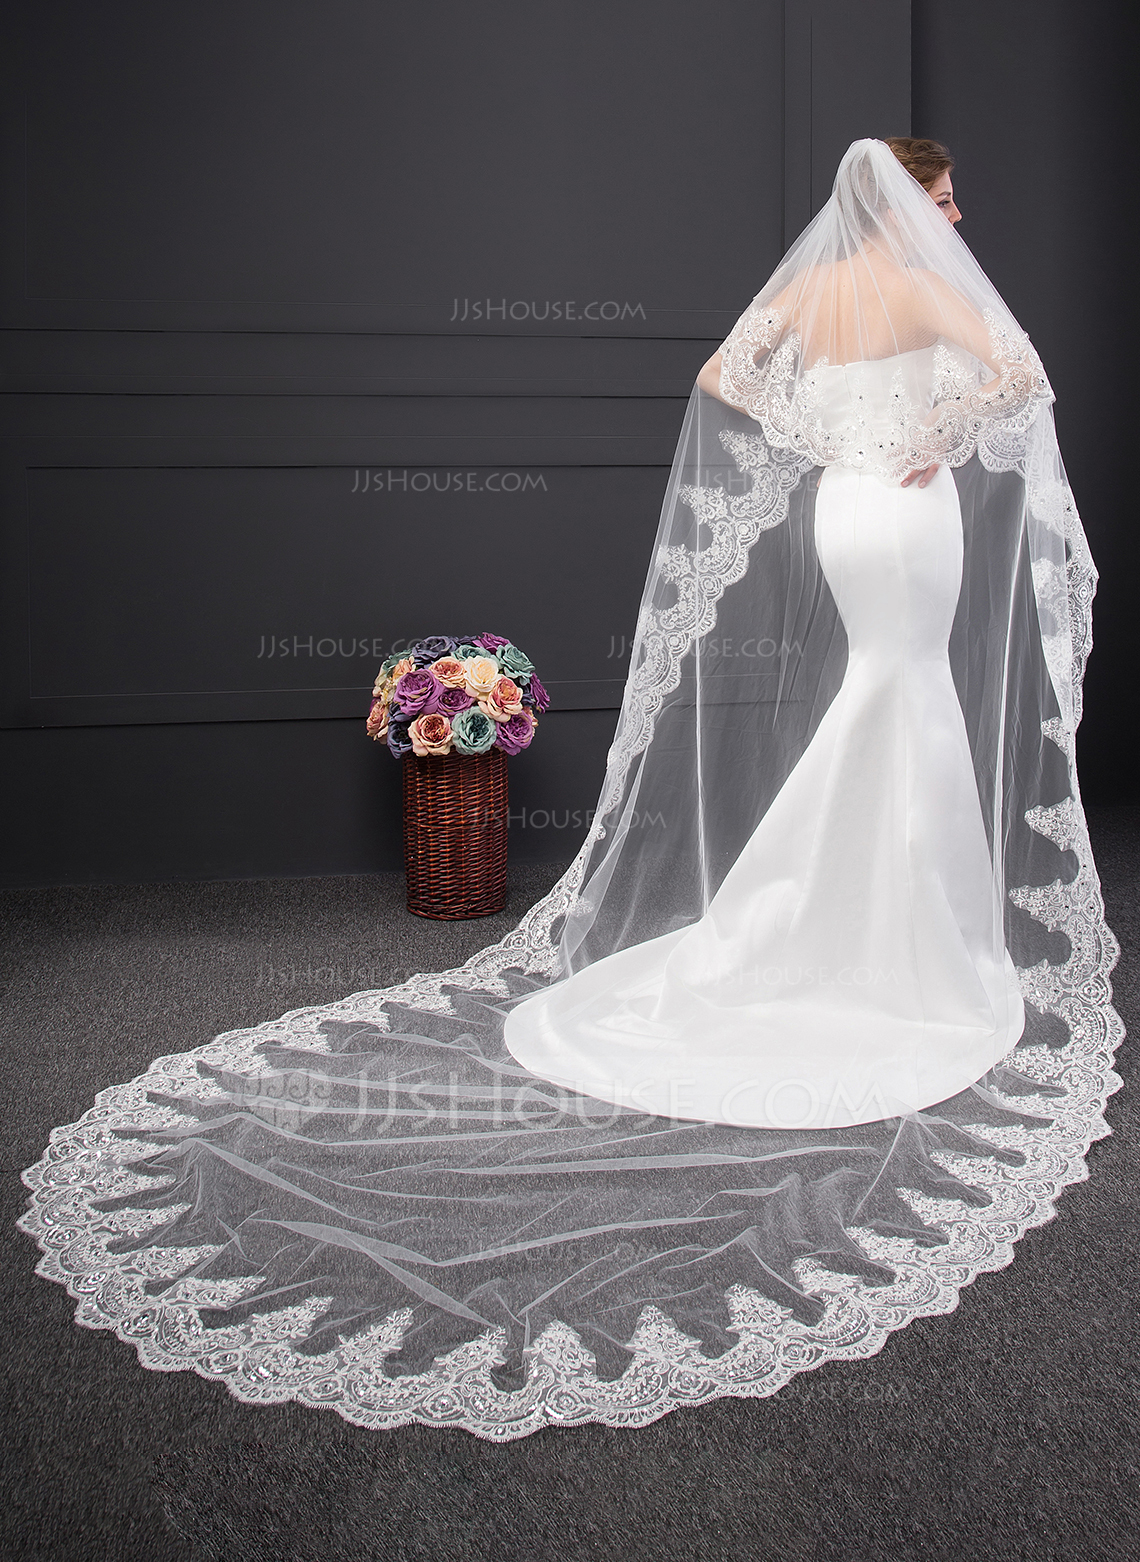 Two Tier Lace Applique Edge Chapel Bridal Veils With Lace